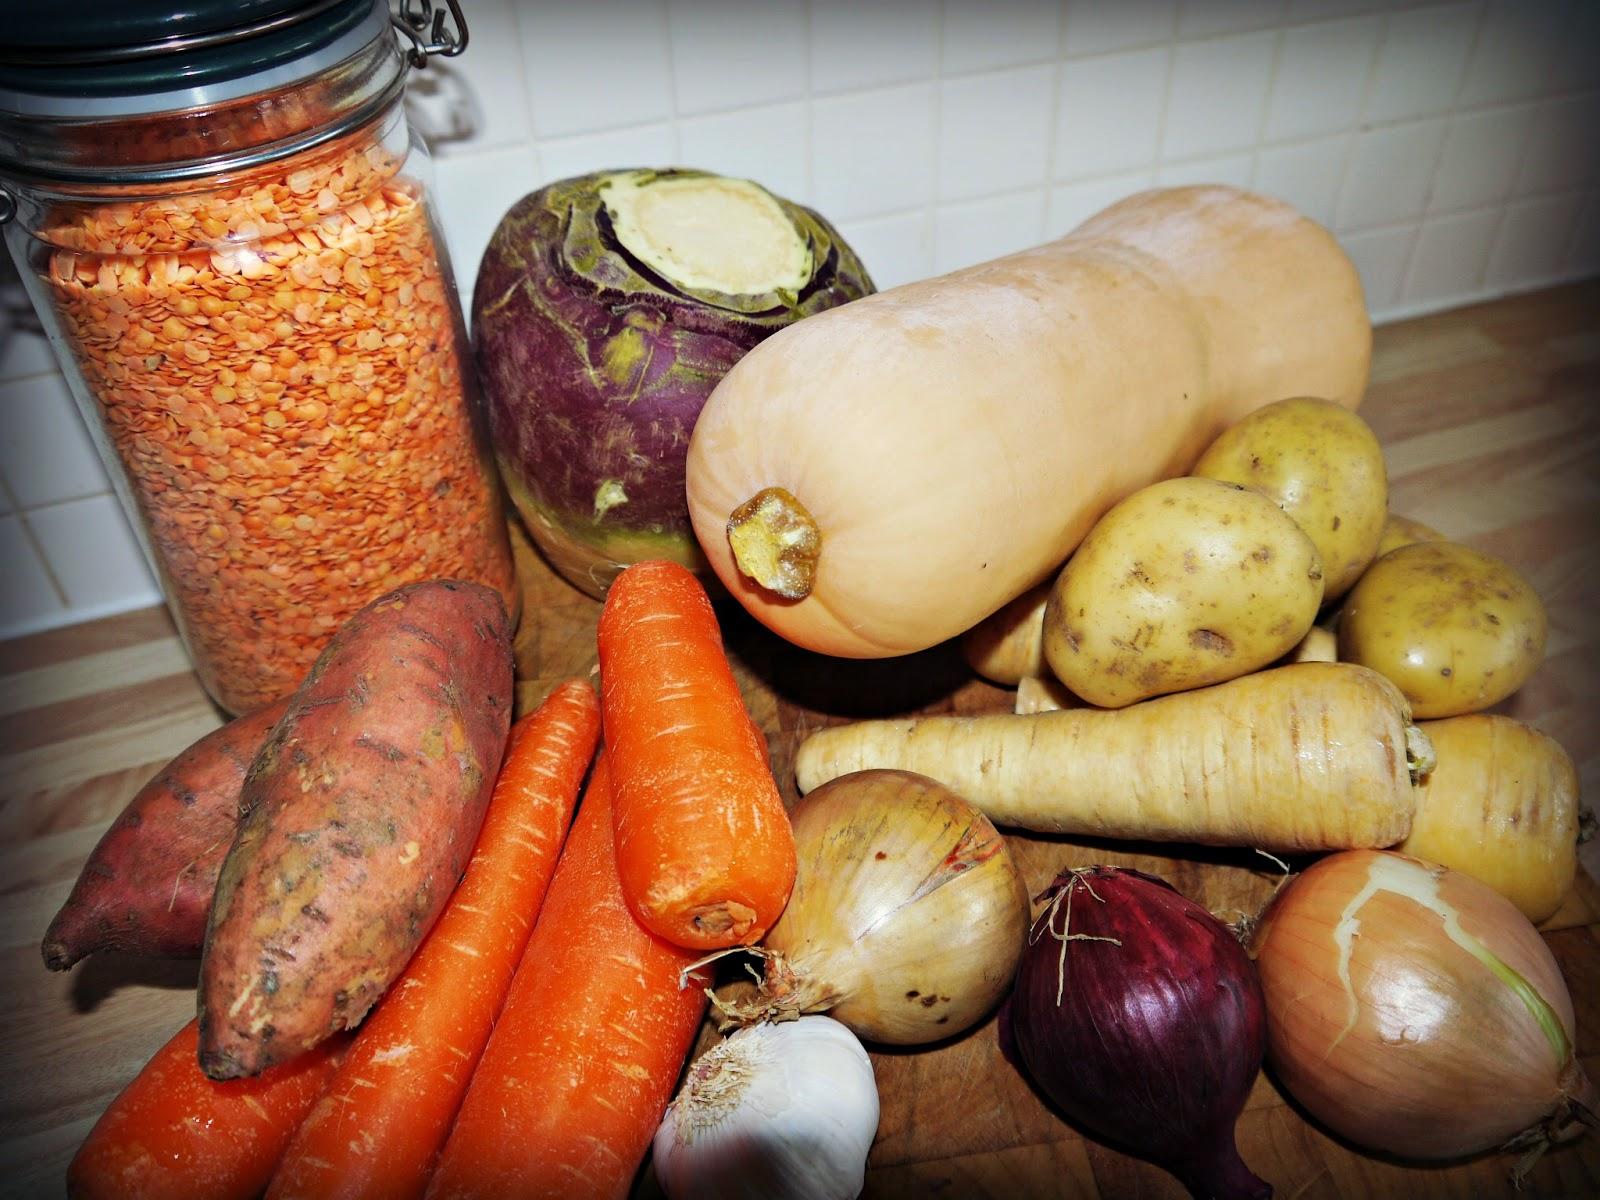 lentils, vegetables